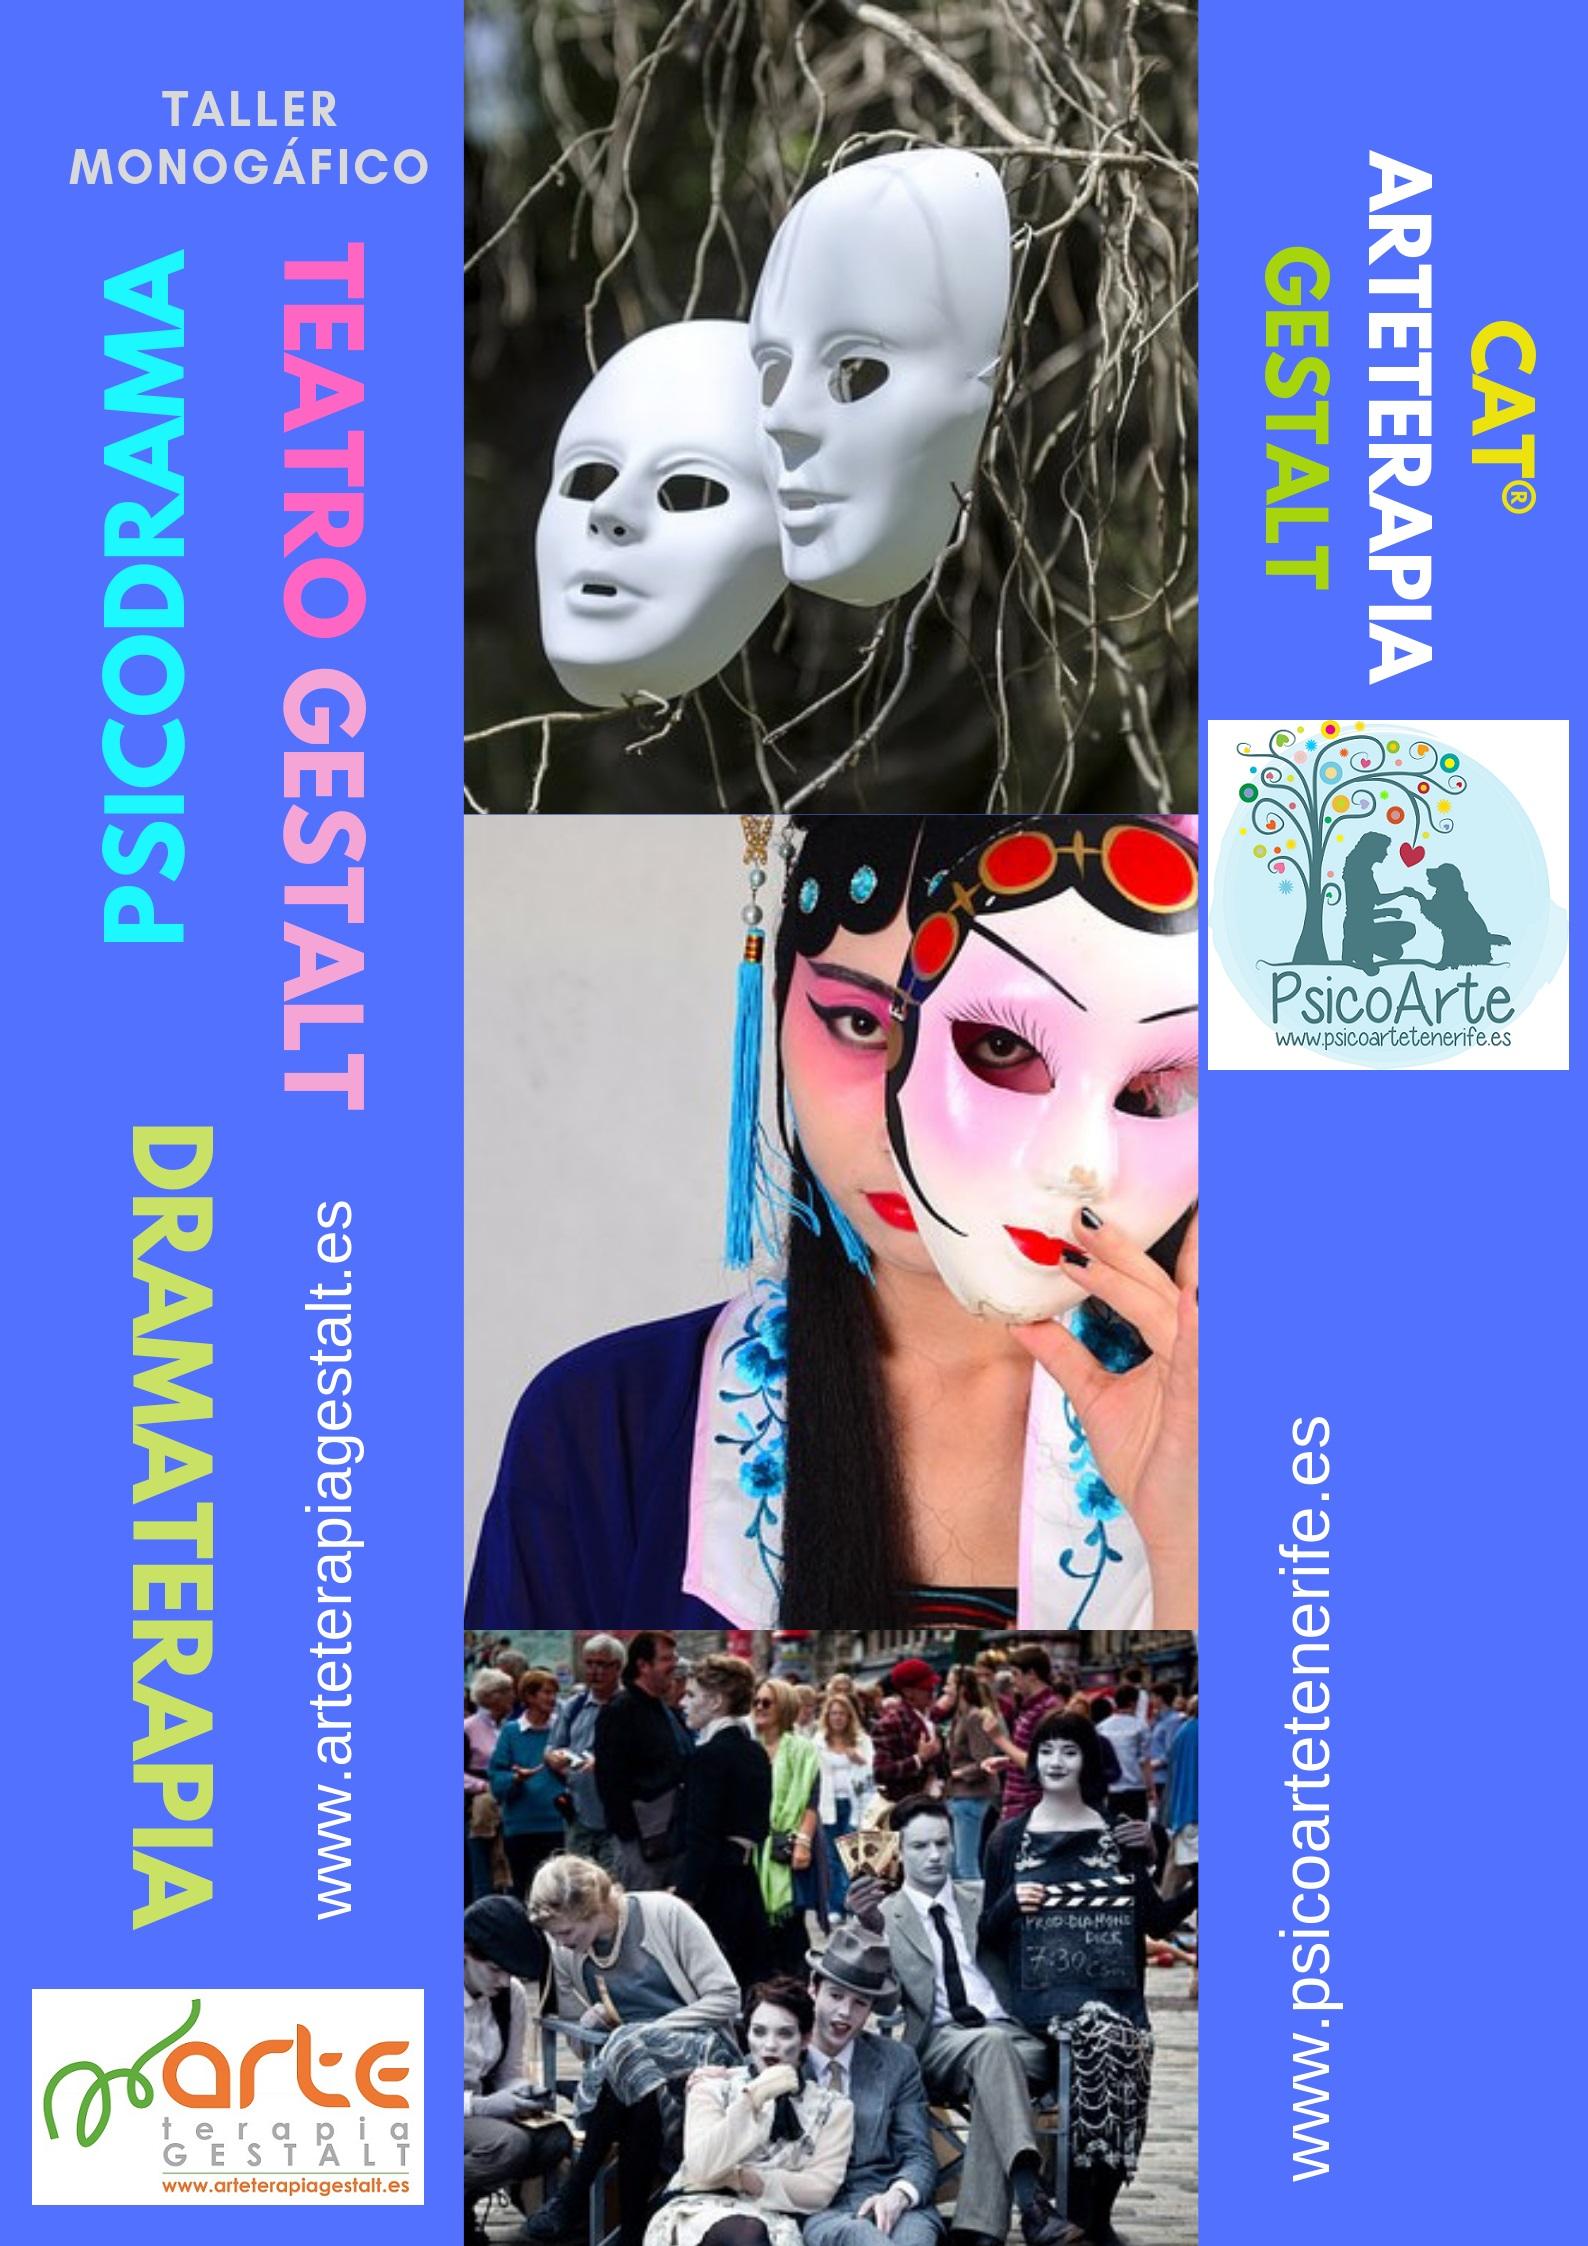 foto #2 de entrada del blog: 2019 Taller Monográfico Psicodrama, Dramaterapia, Teatro Gestalt